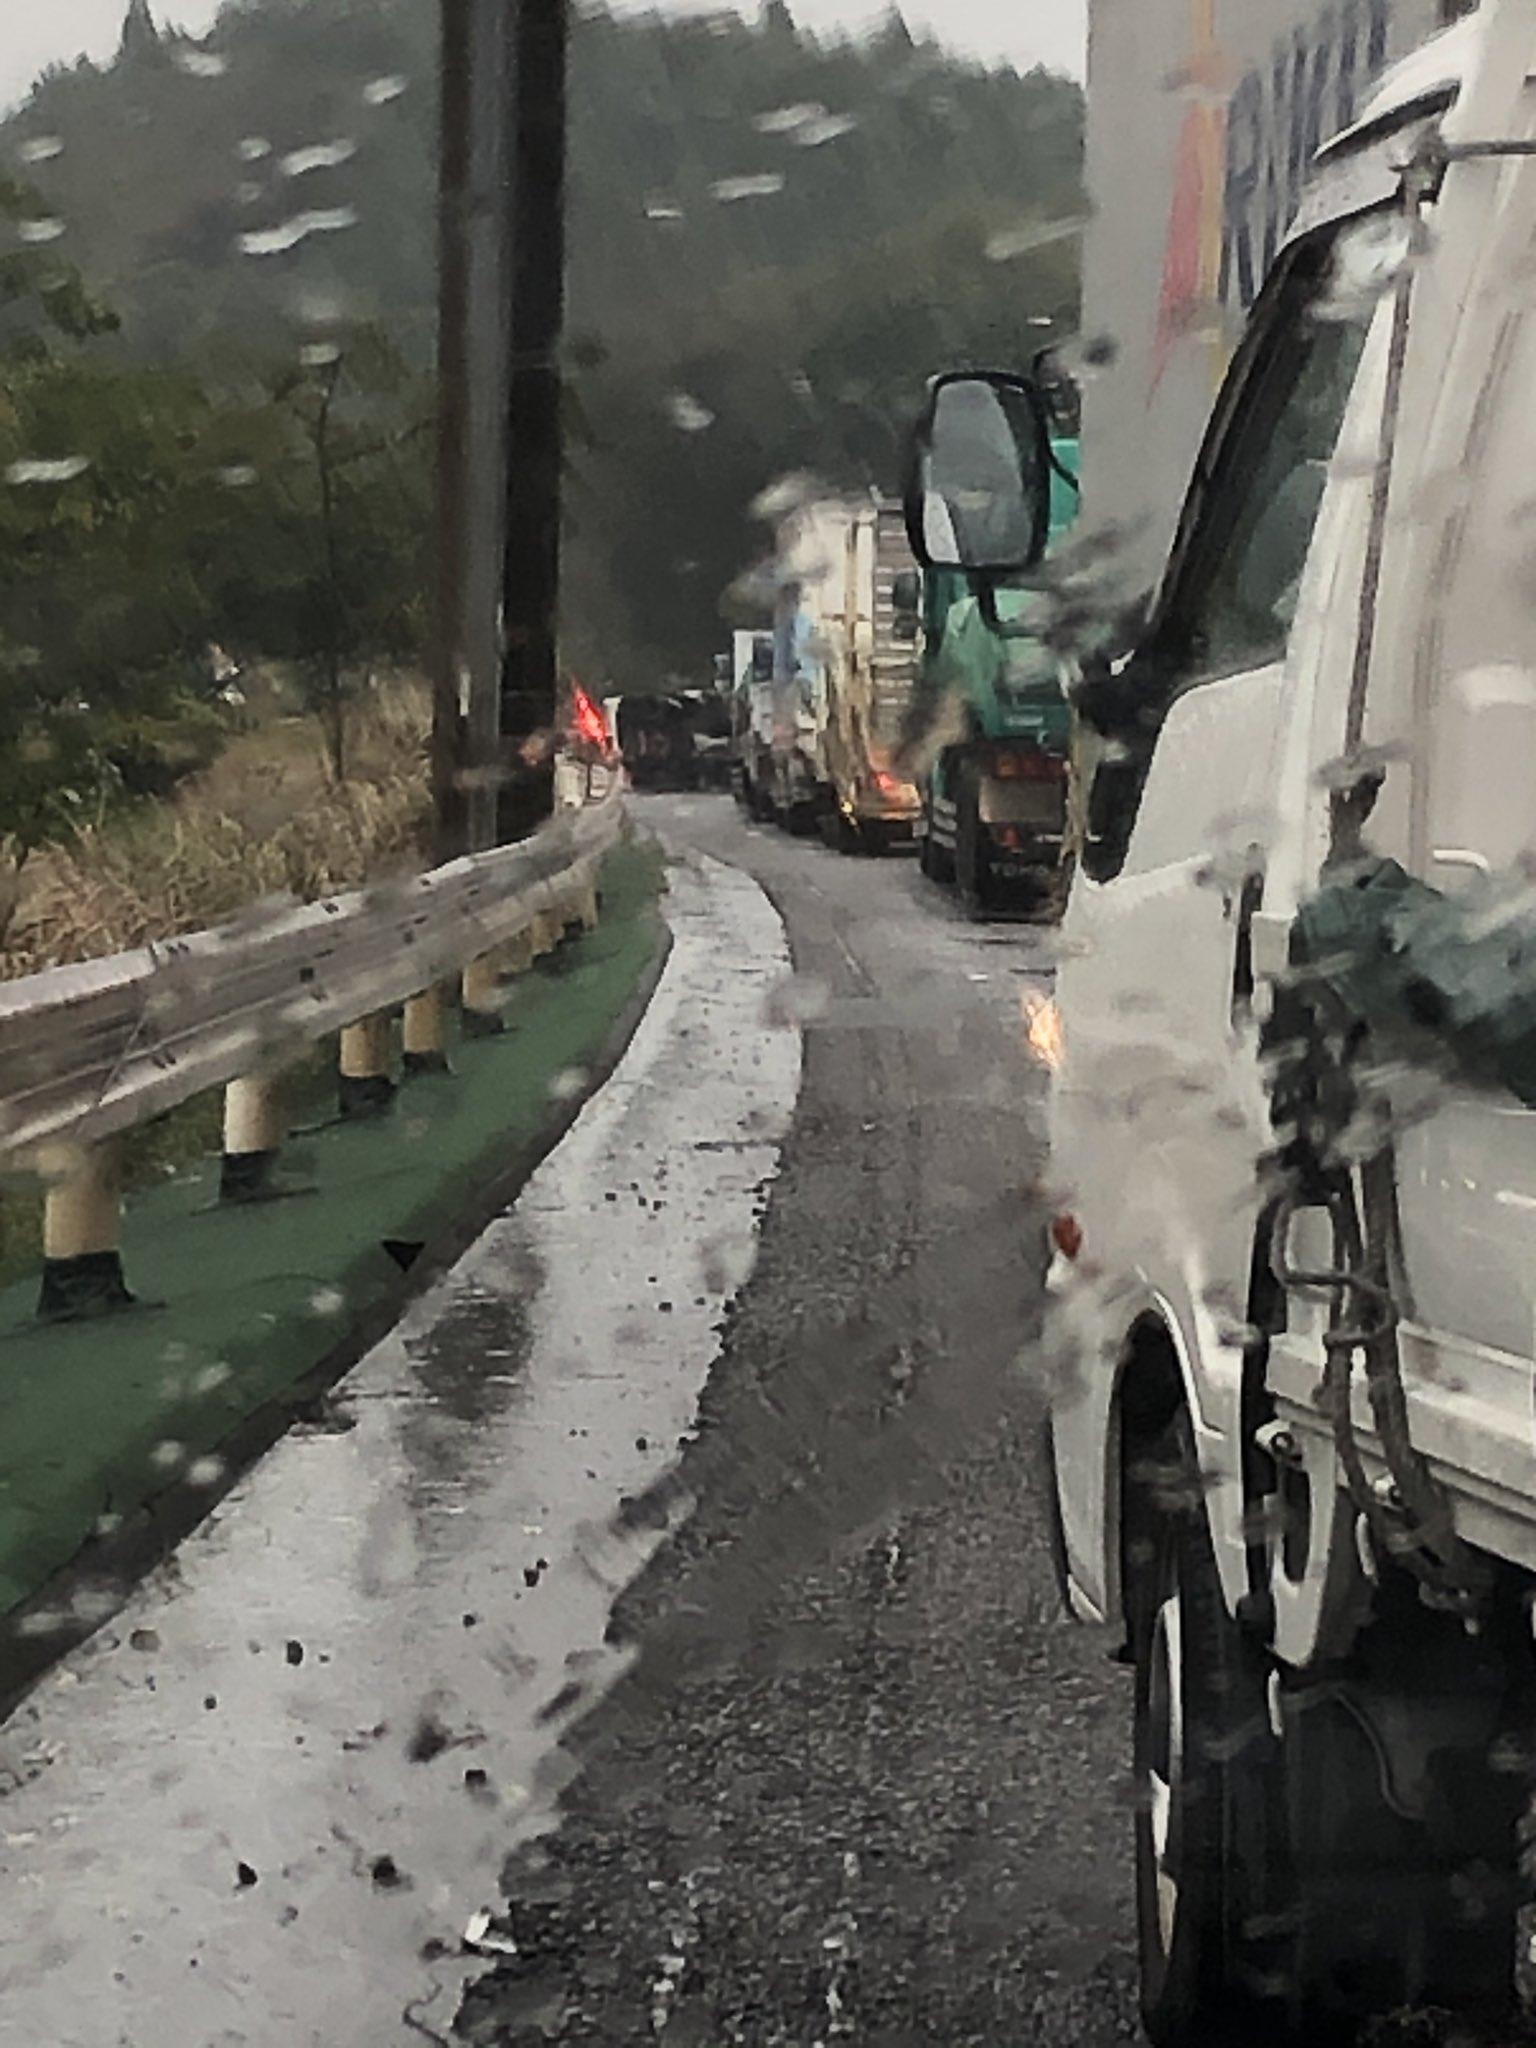 名阪国道下りの大型トラック横転事故の現場画像